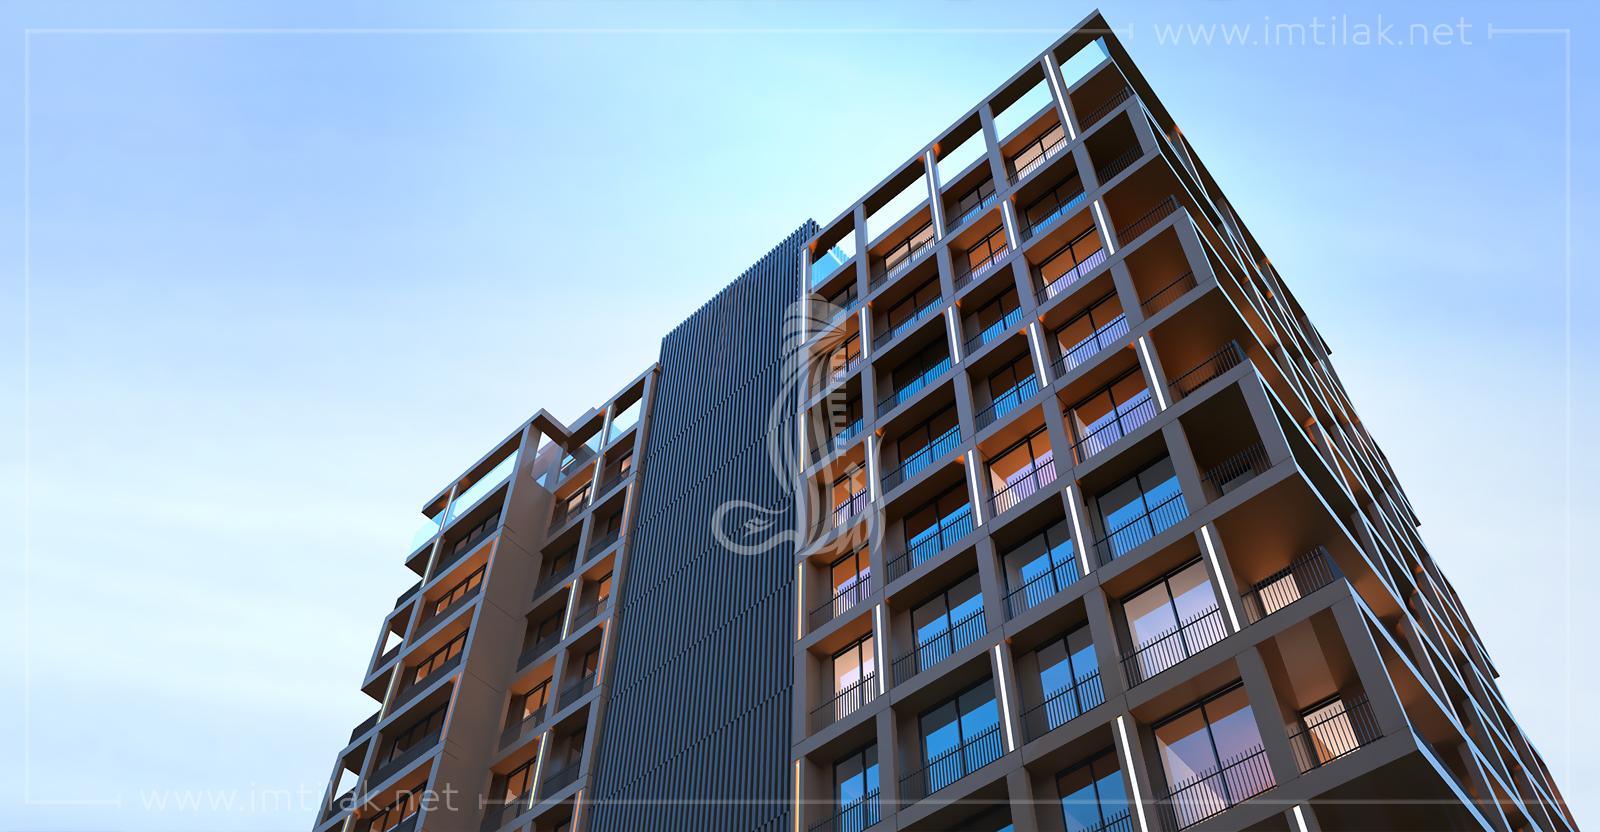 ۲۶۵ - IMT پروژه محله رز